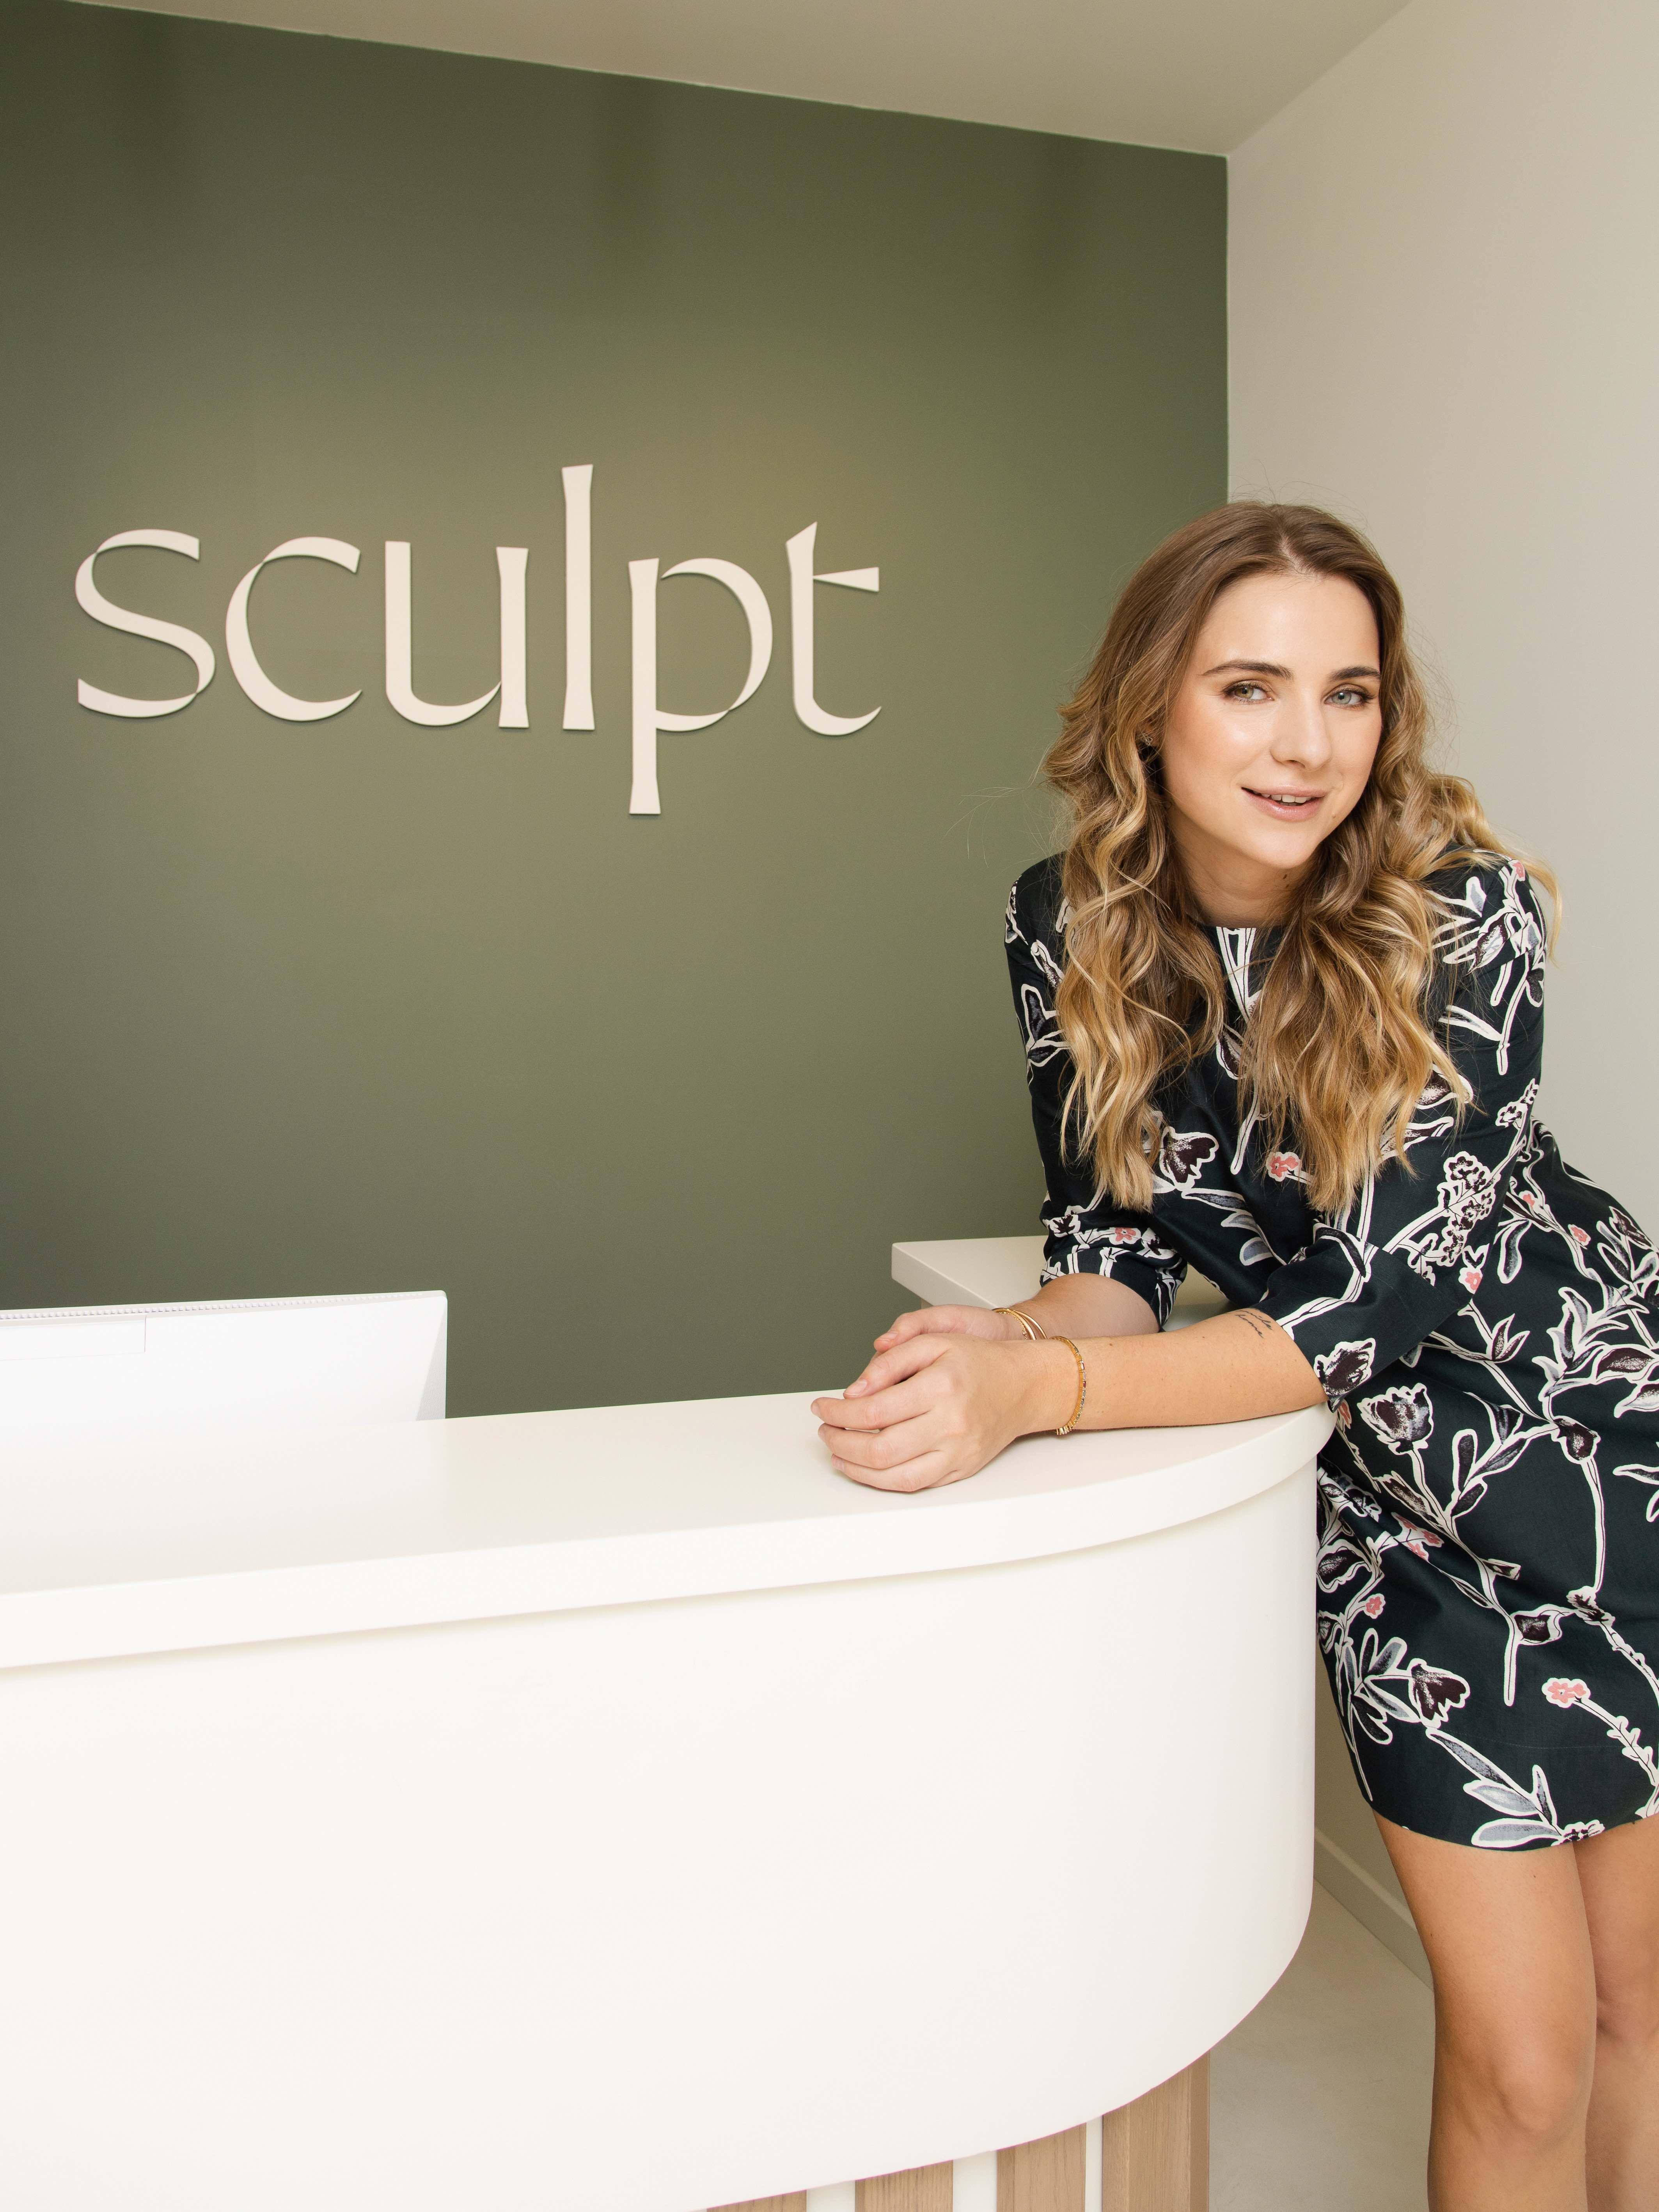 Как поменять профессию и сделать успешный спортивный проект: история создательницы студии Sculpt (фото 1)